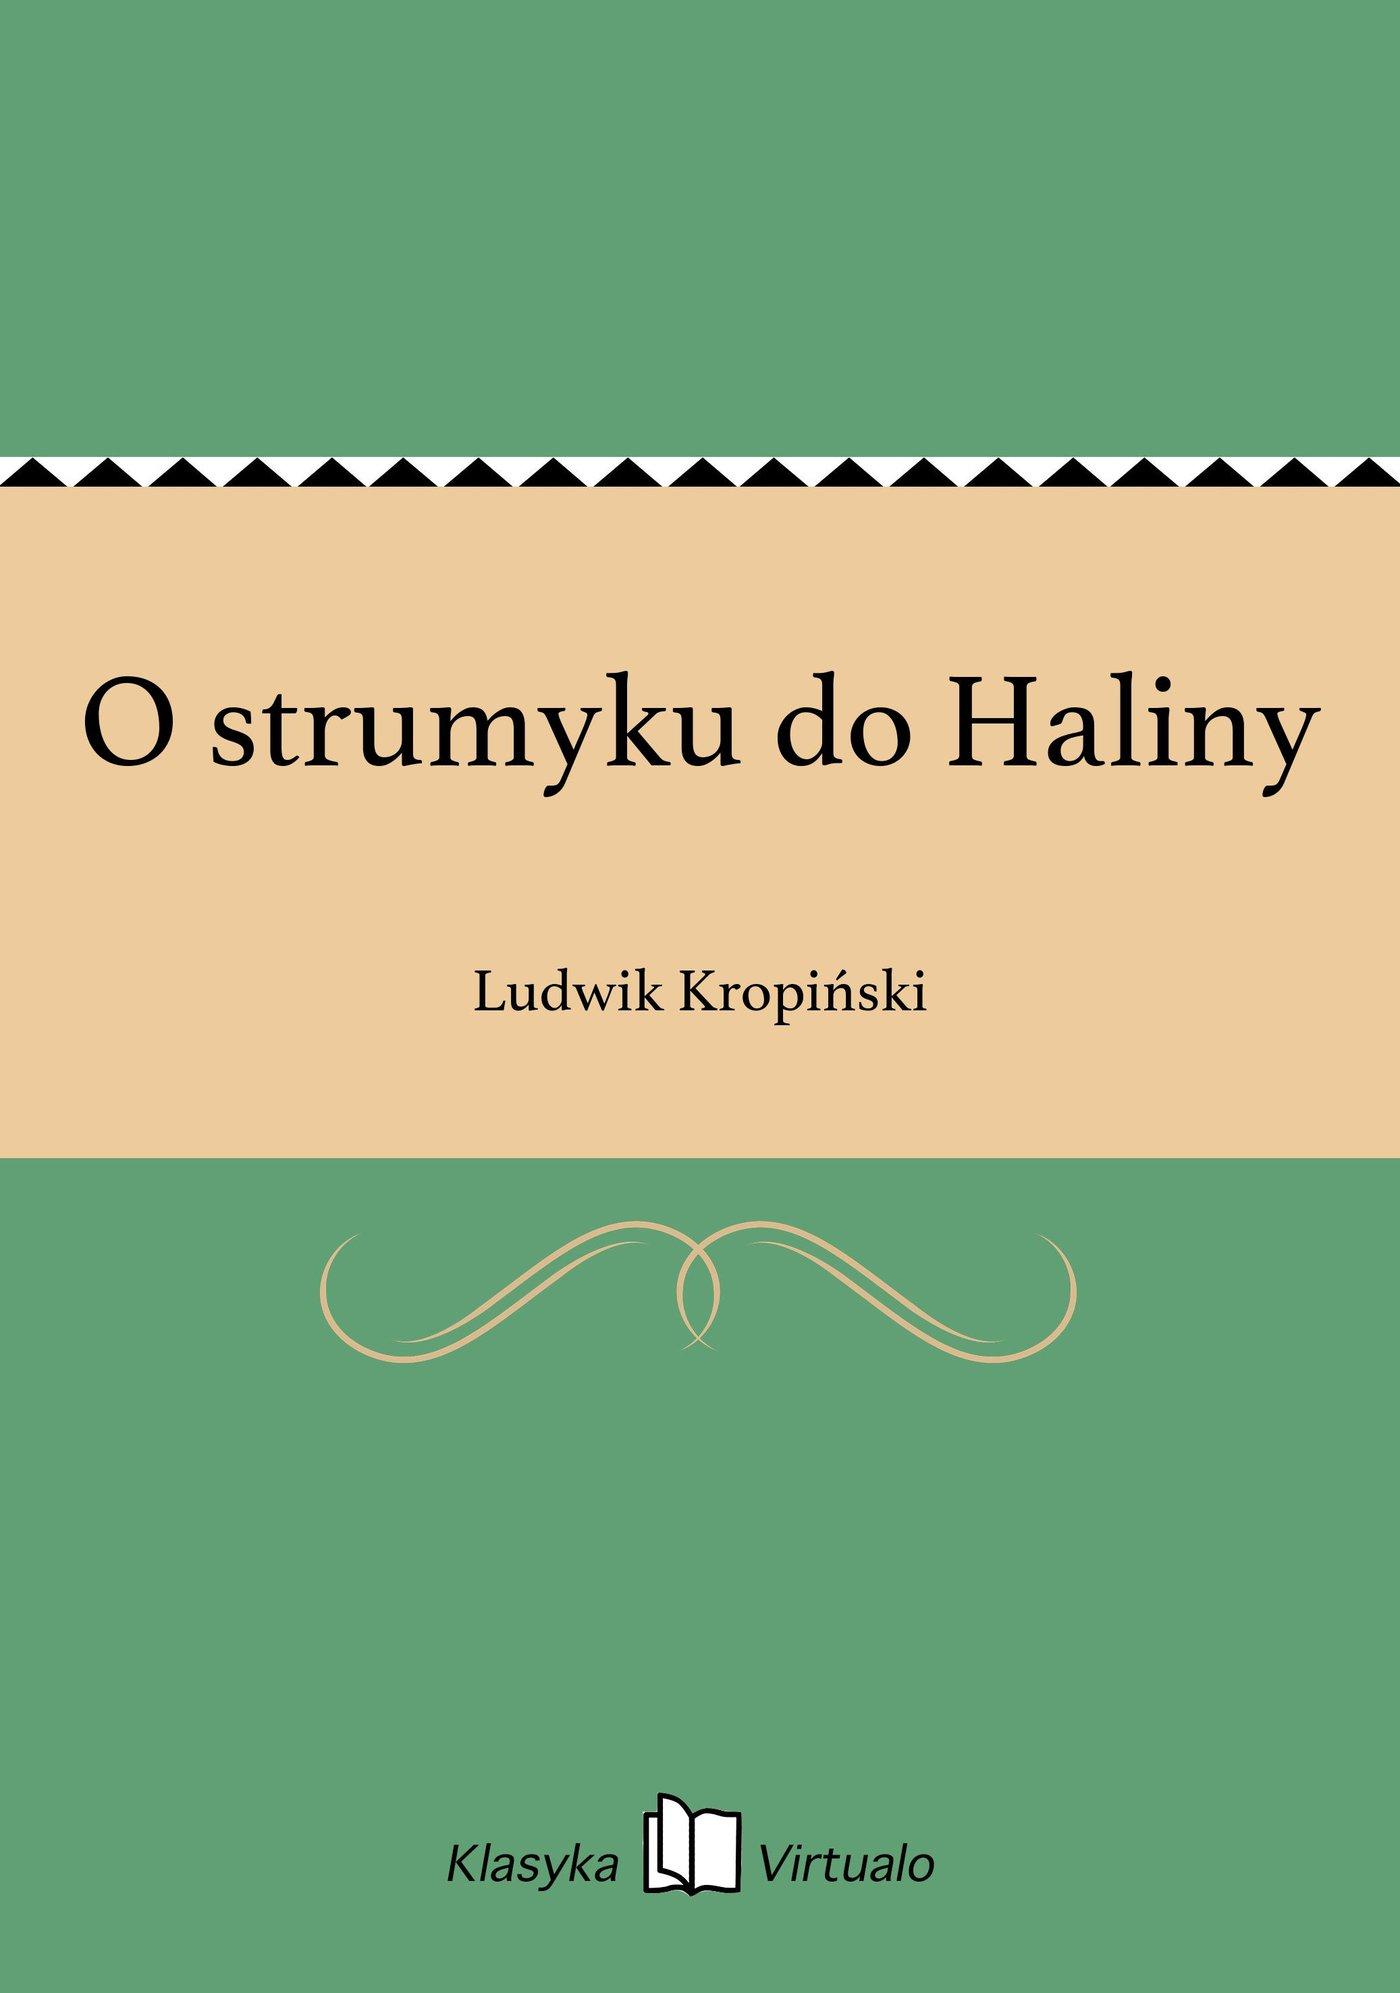 O strumyku do Haliny - Ebook (Książka EPUB) do pobrania w formacie EPUB